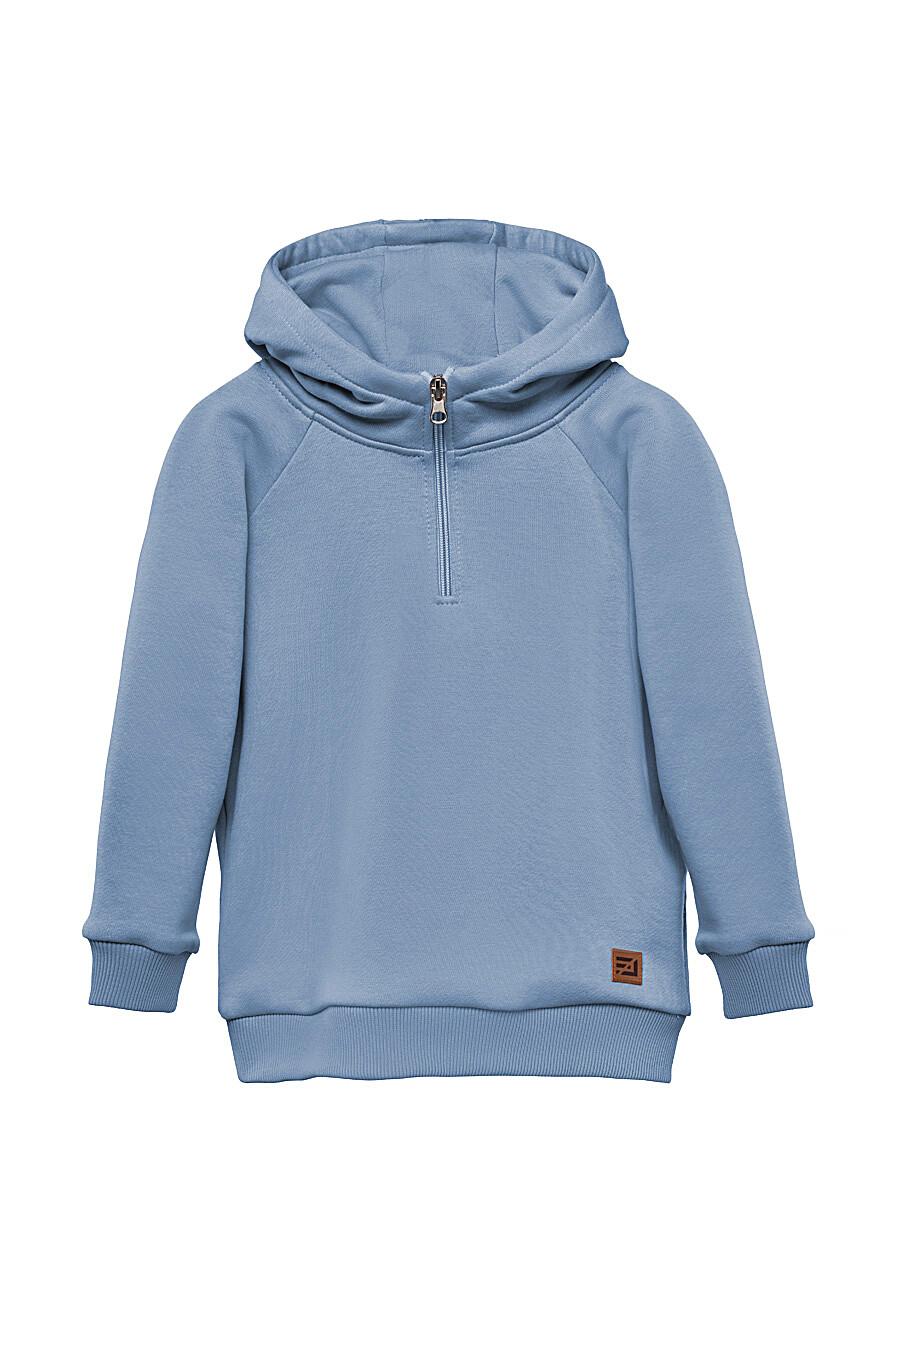 Худи для мальчиков EZANNA 649345 купить оптом от производителя. Совместная покупка детской одежды в OptMoyo